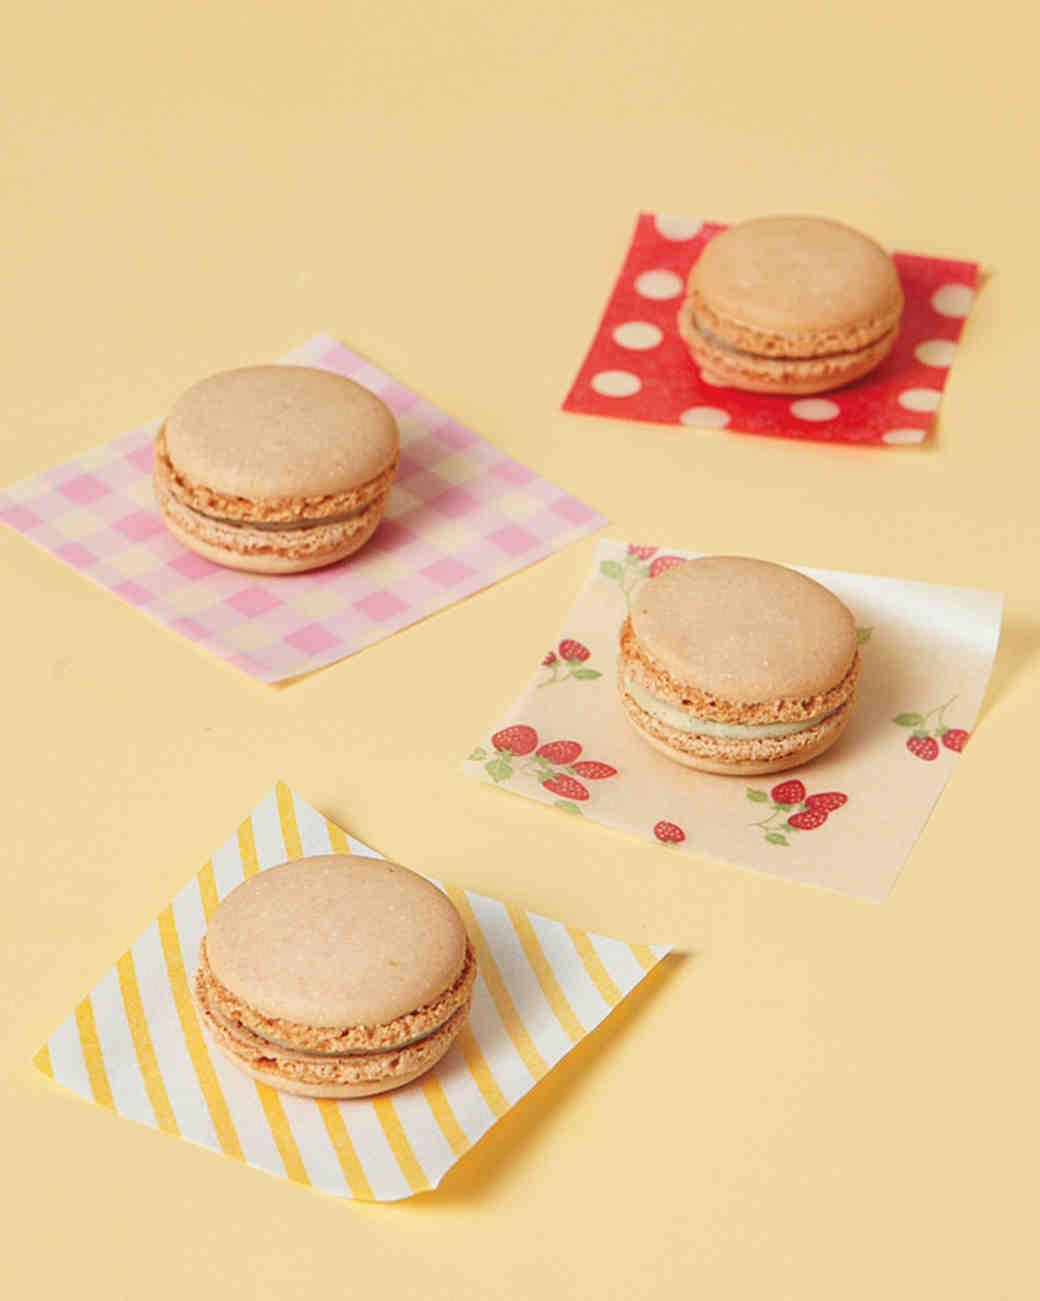 cookies-049-mwd110589.jpg